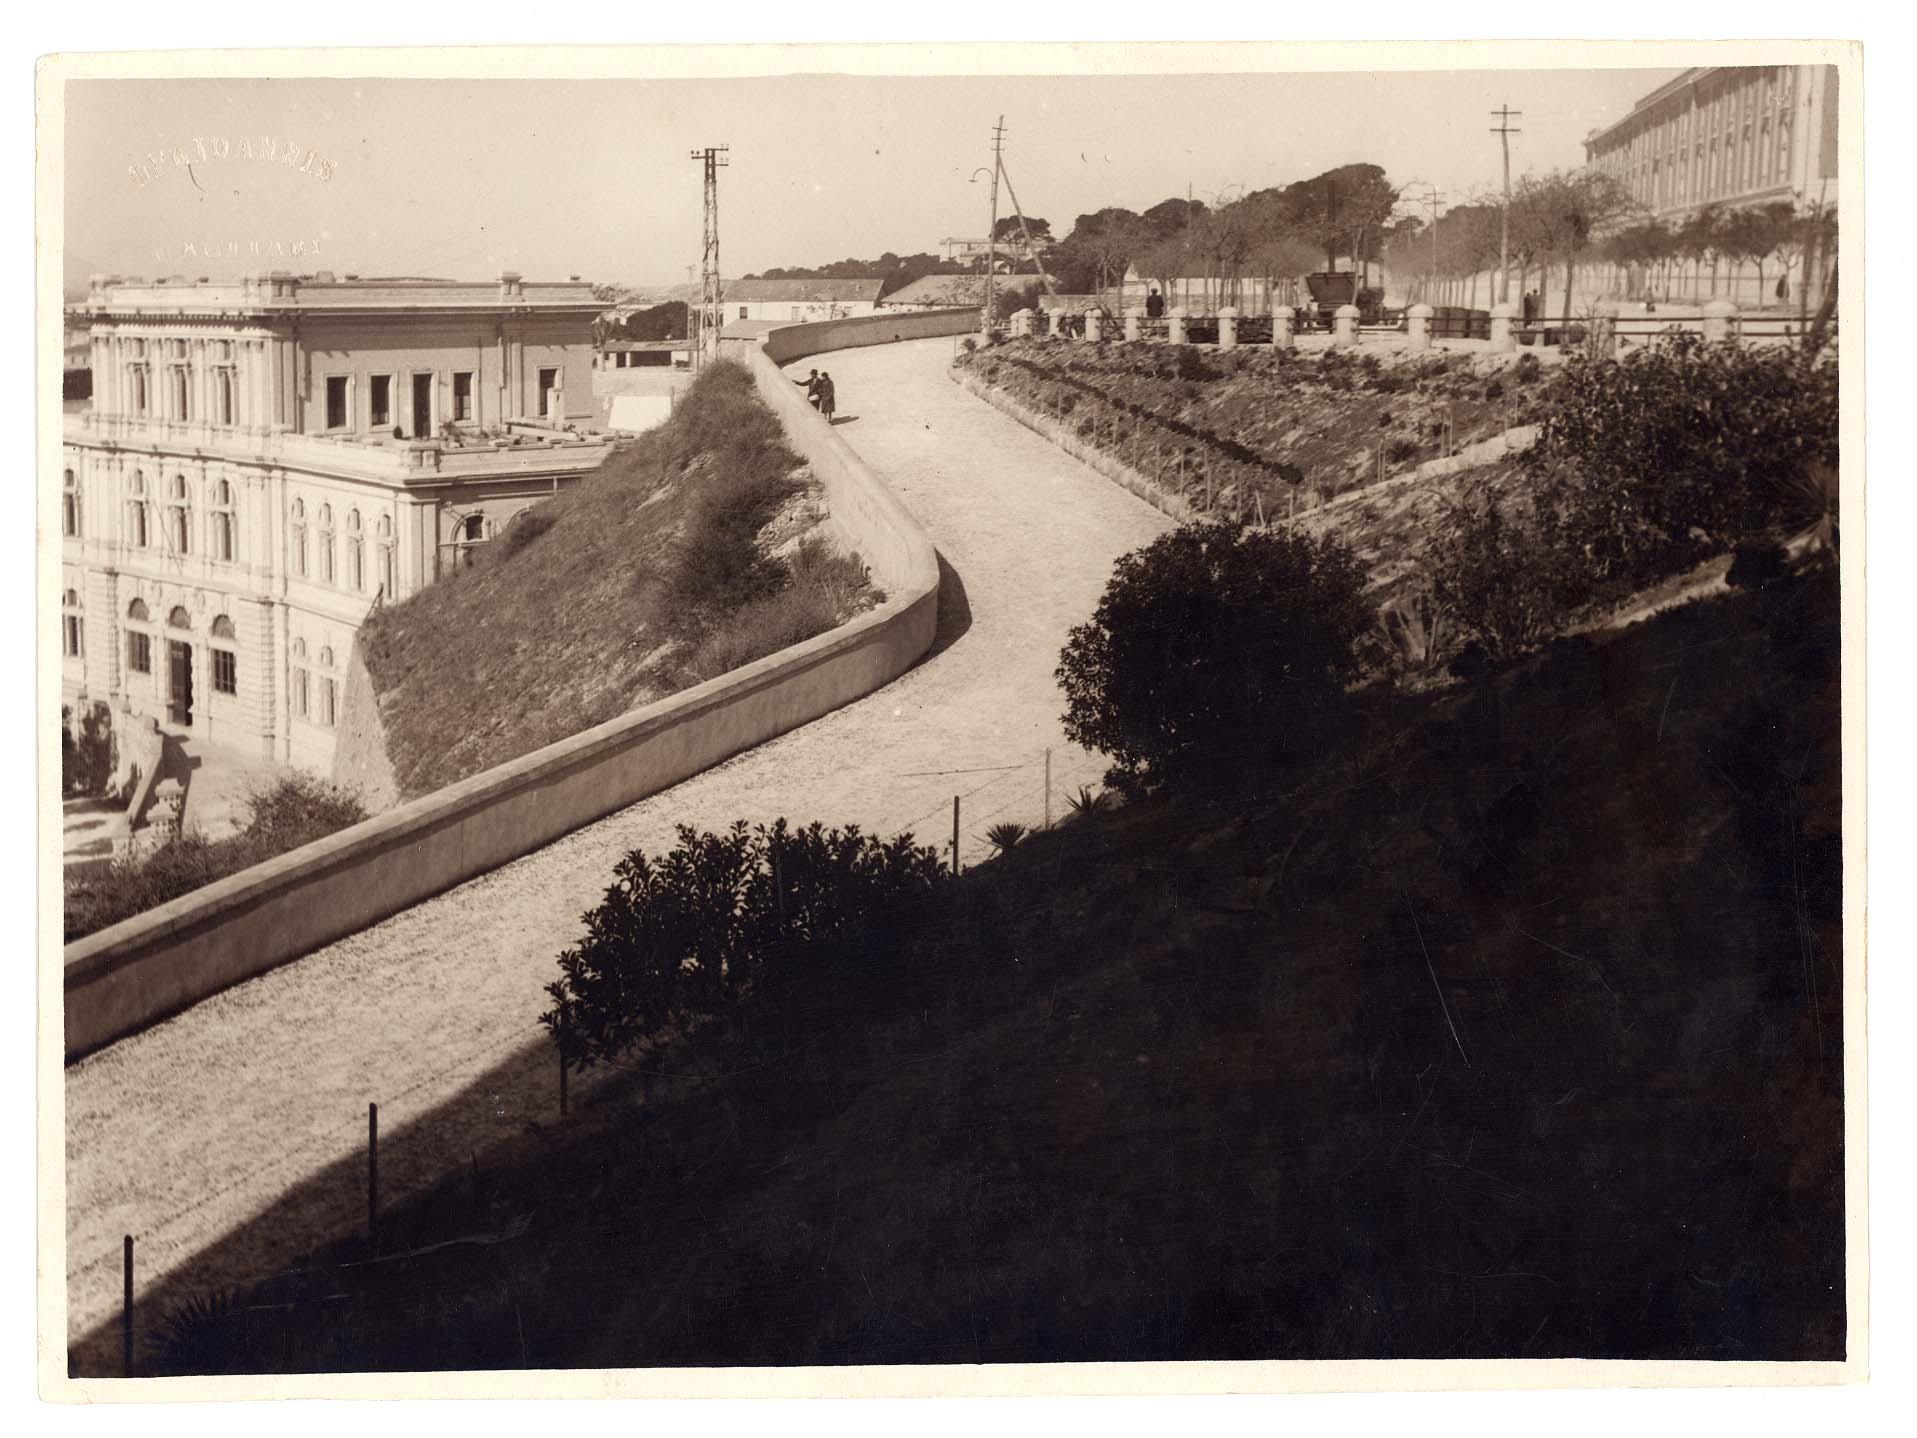 Archivio Comunale - 1930 - Topografia_jpg_foto 0015 1-2